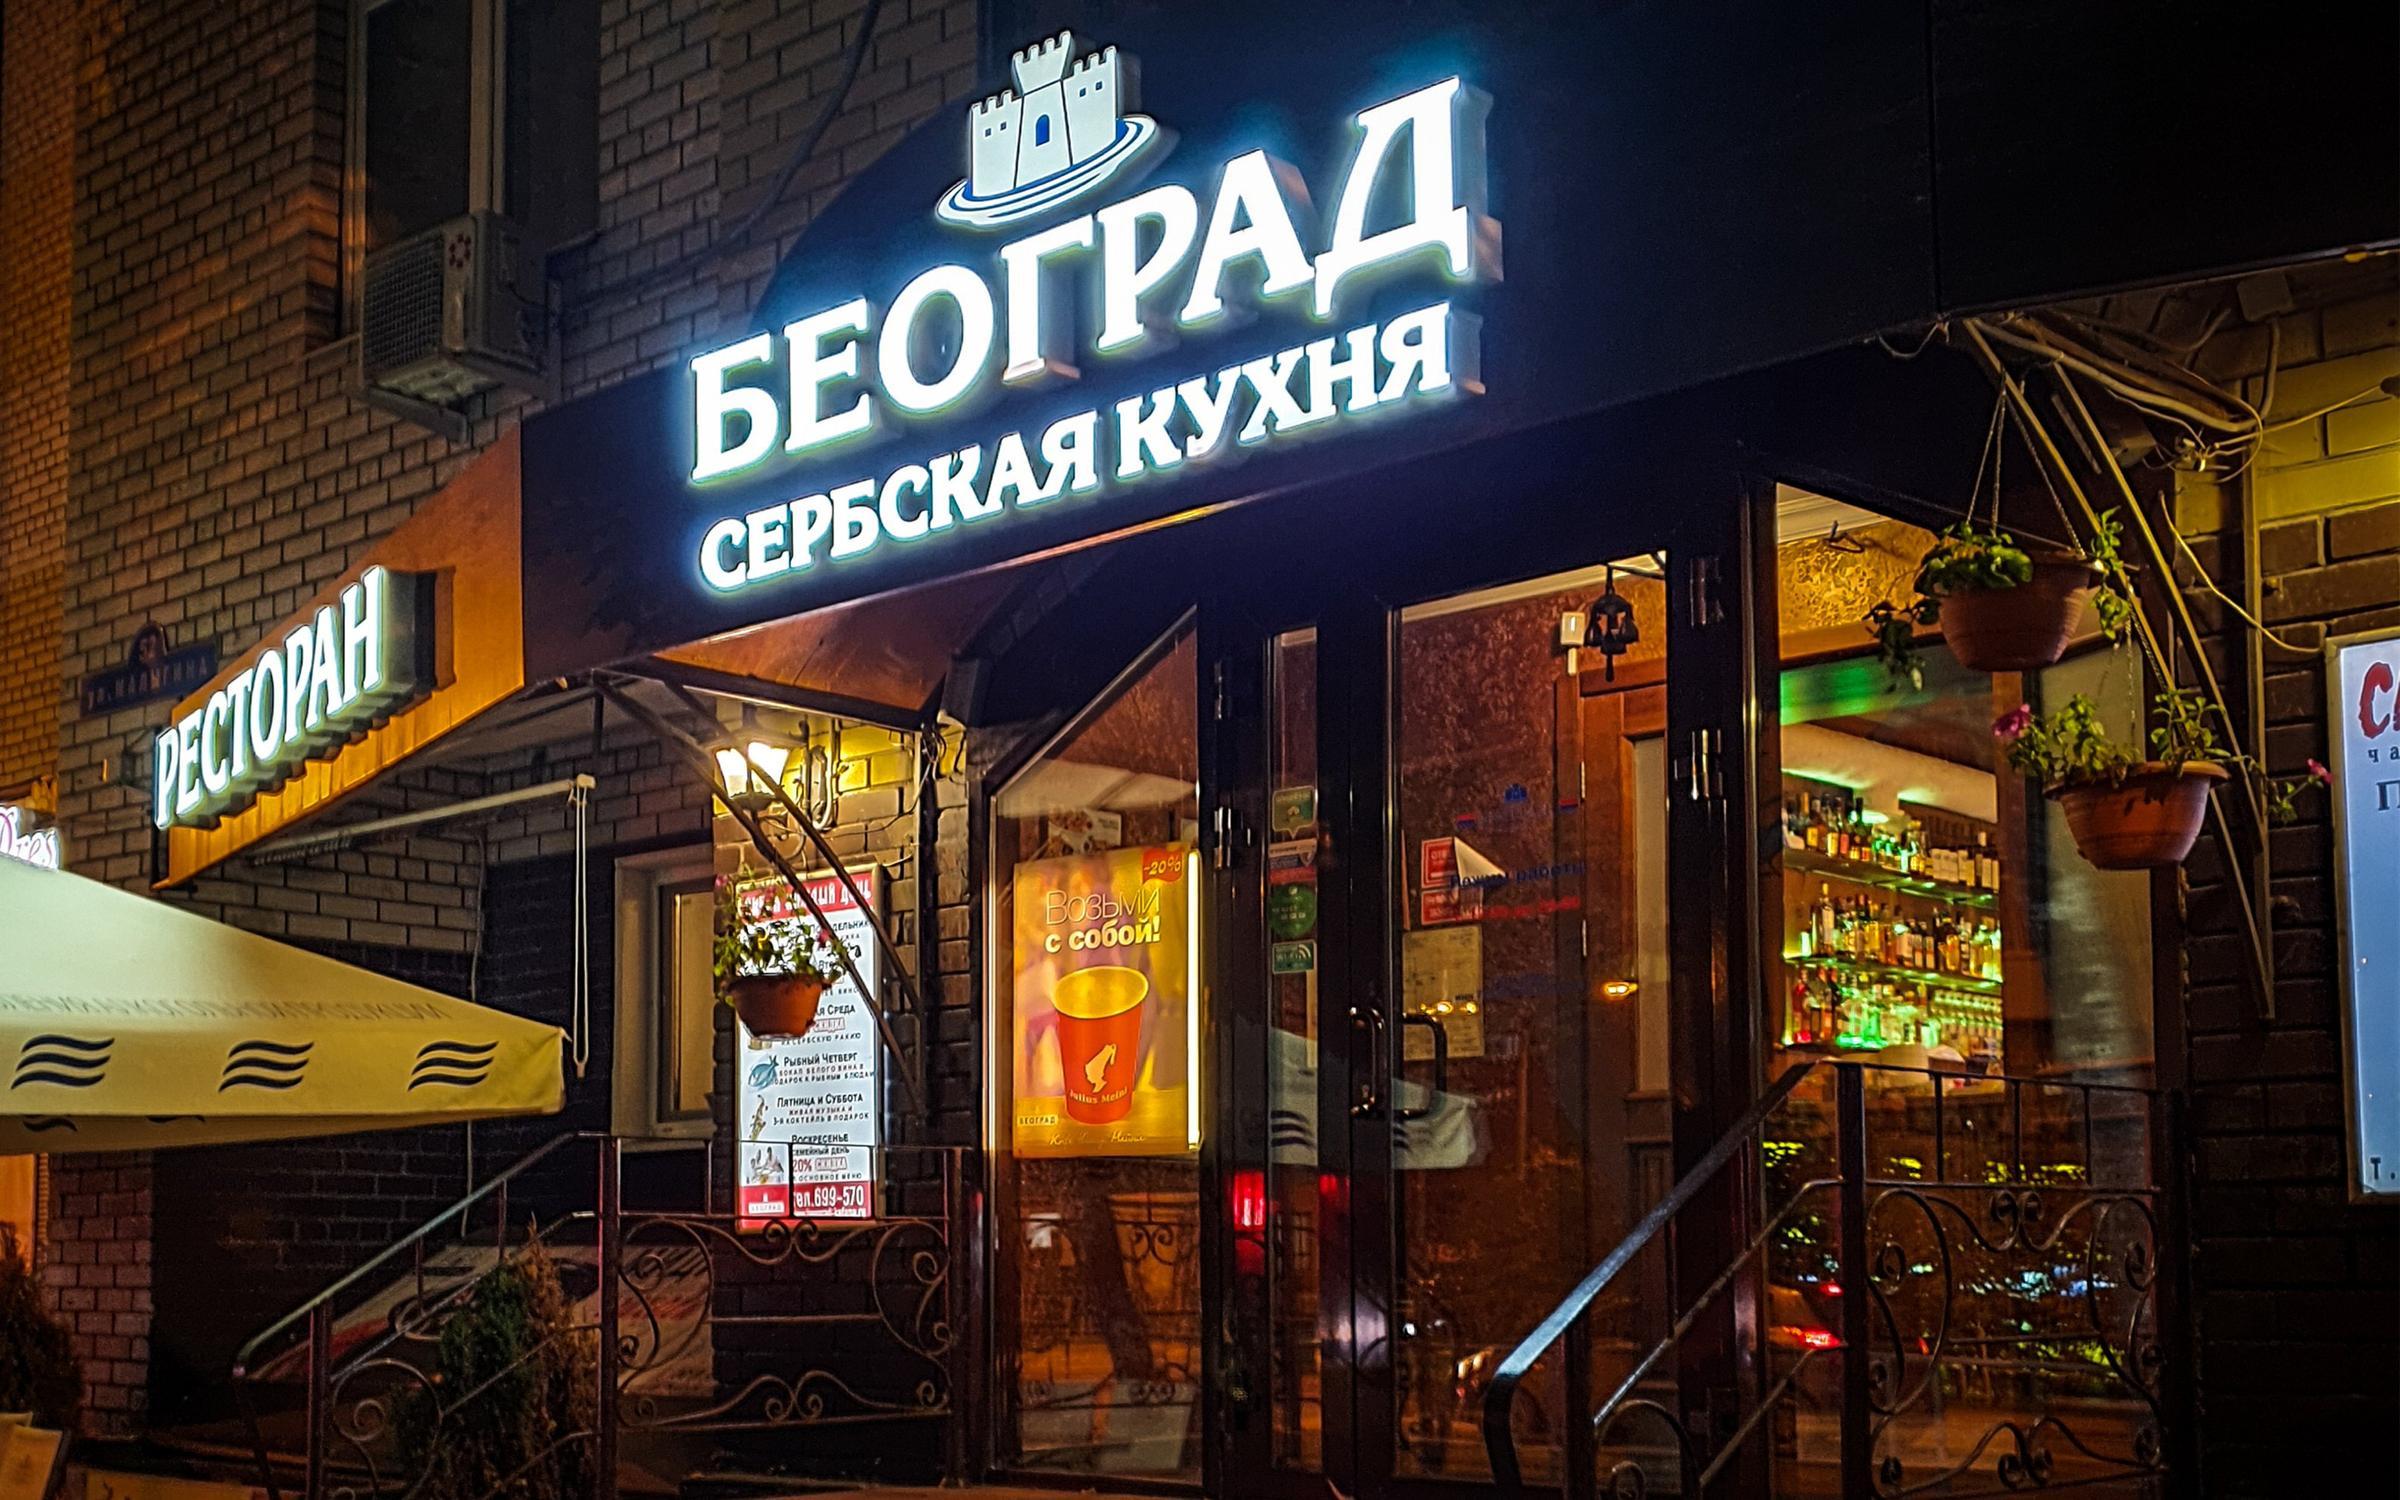 """фотография Ресторана сербской кухни """"Београд Кафана"""" на улице Малыгина"""